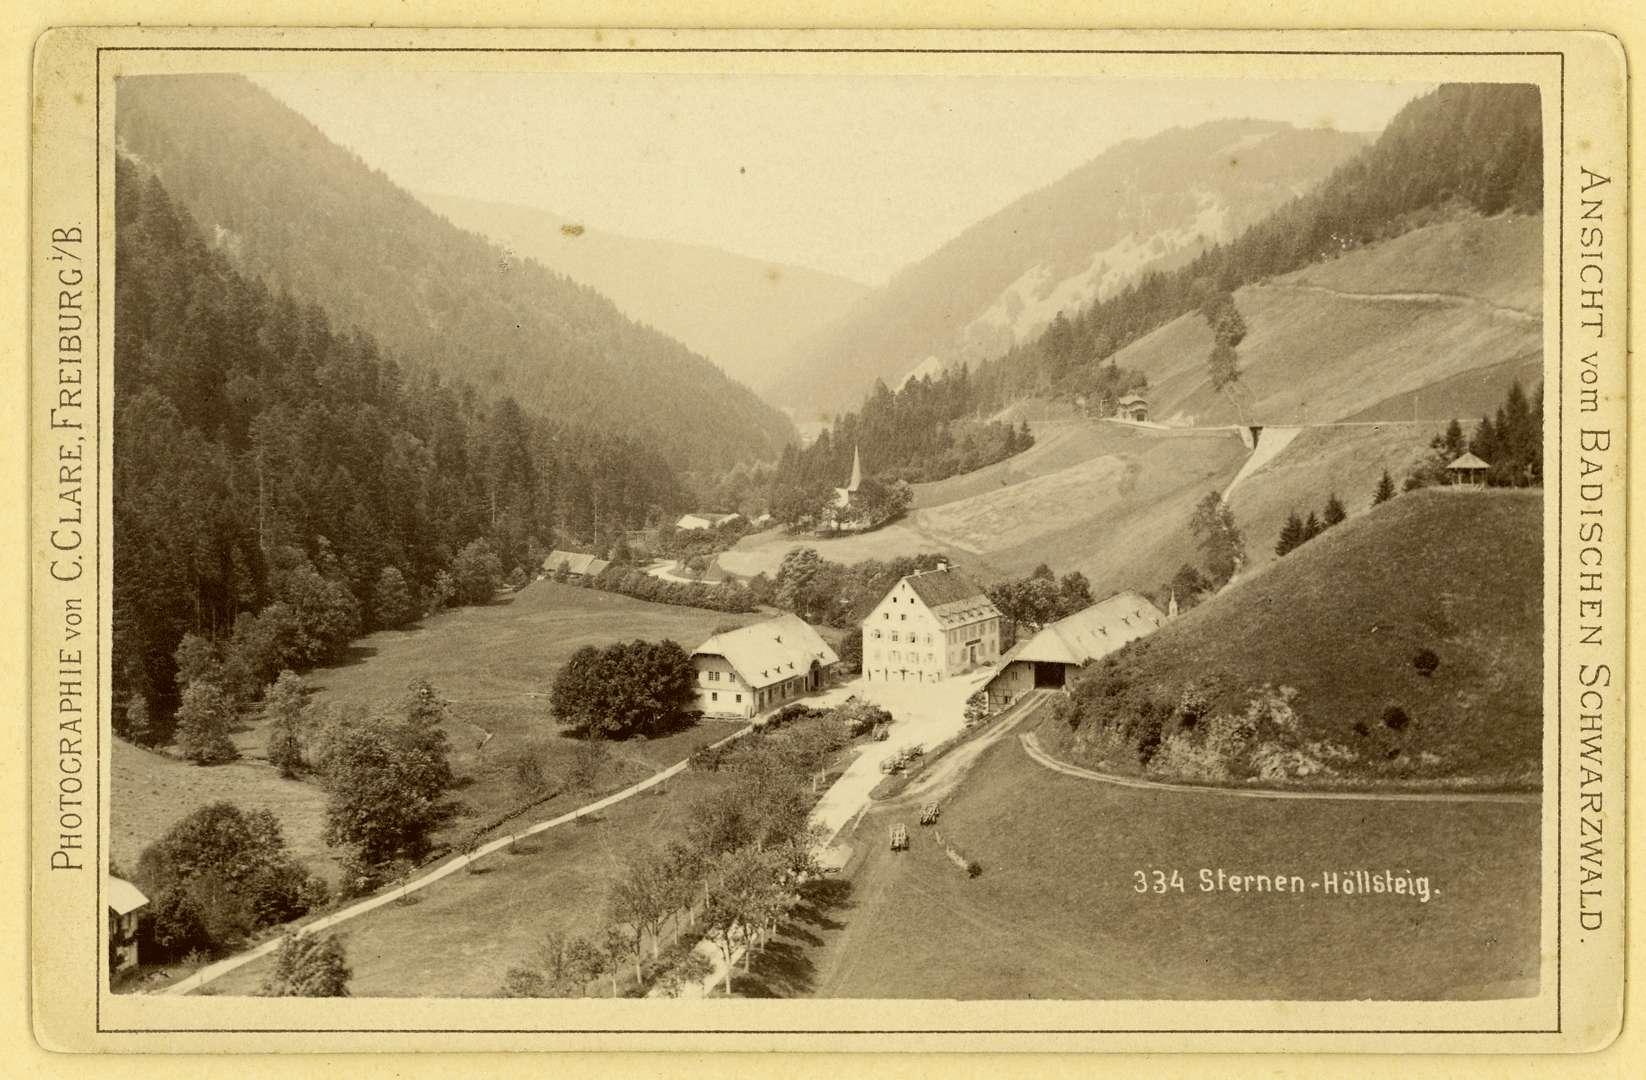 Sternen-Höllsteig Ansicht vom badischen Schwarzwald Nr. 334, Bild 1